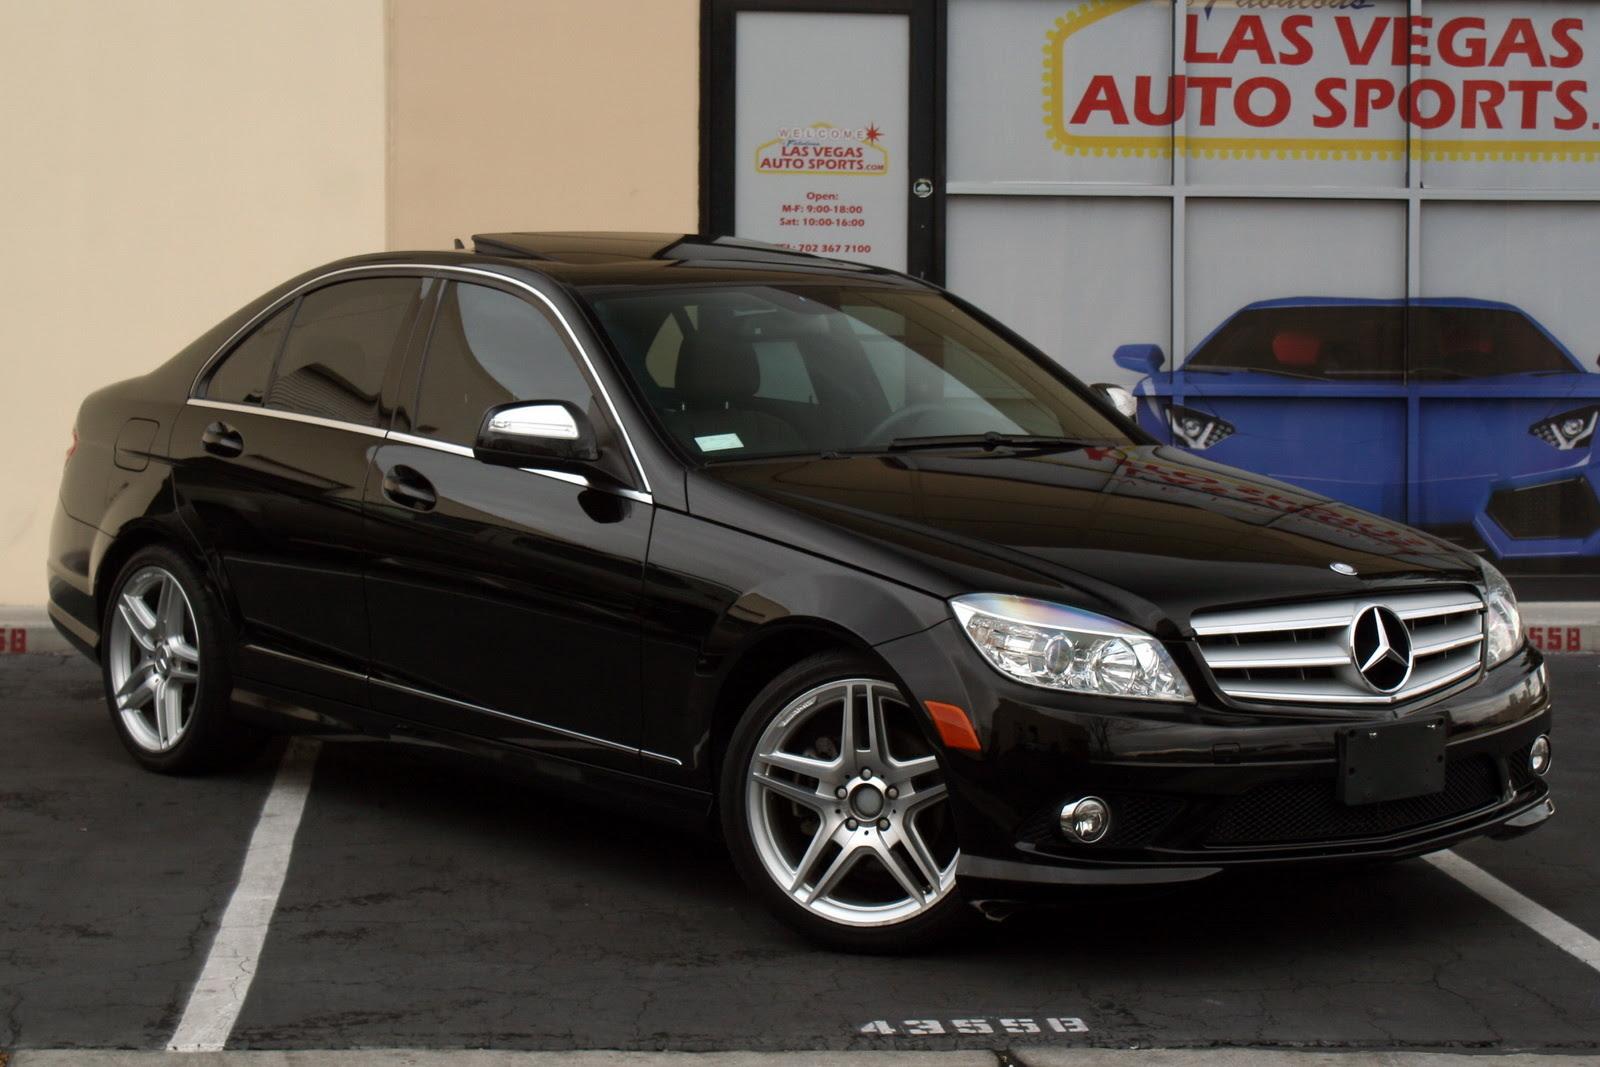 2008 Mercedes-Benz C-Class - Pictures - CarGurus